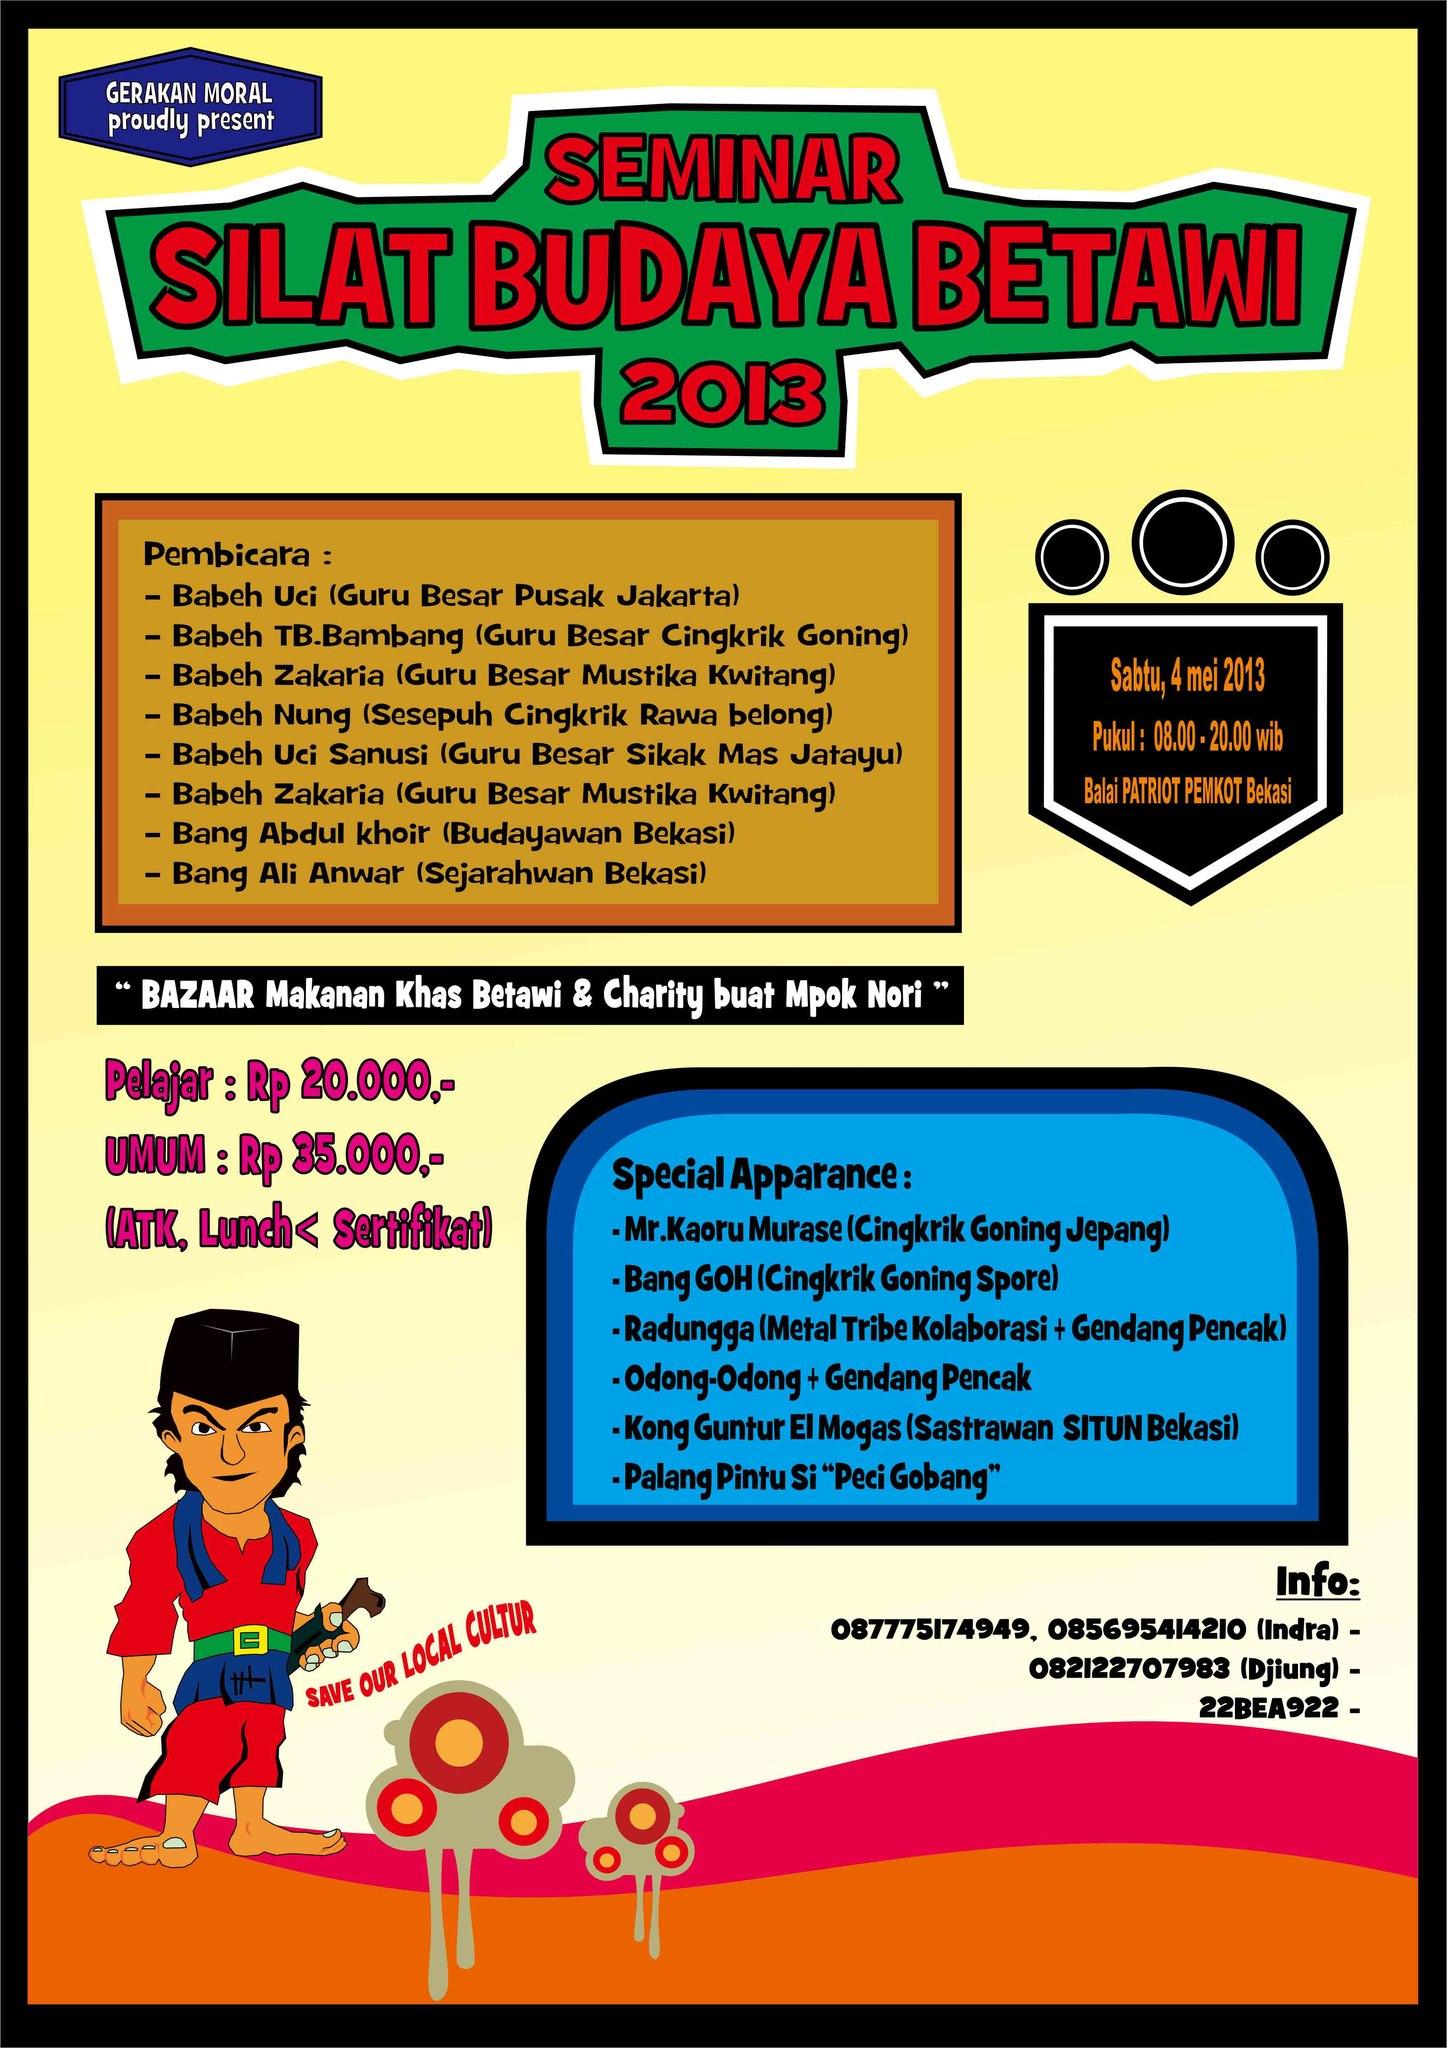 Seminar Silat Budaya Betawi 2013